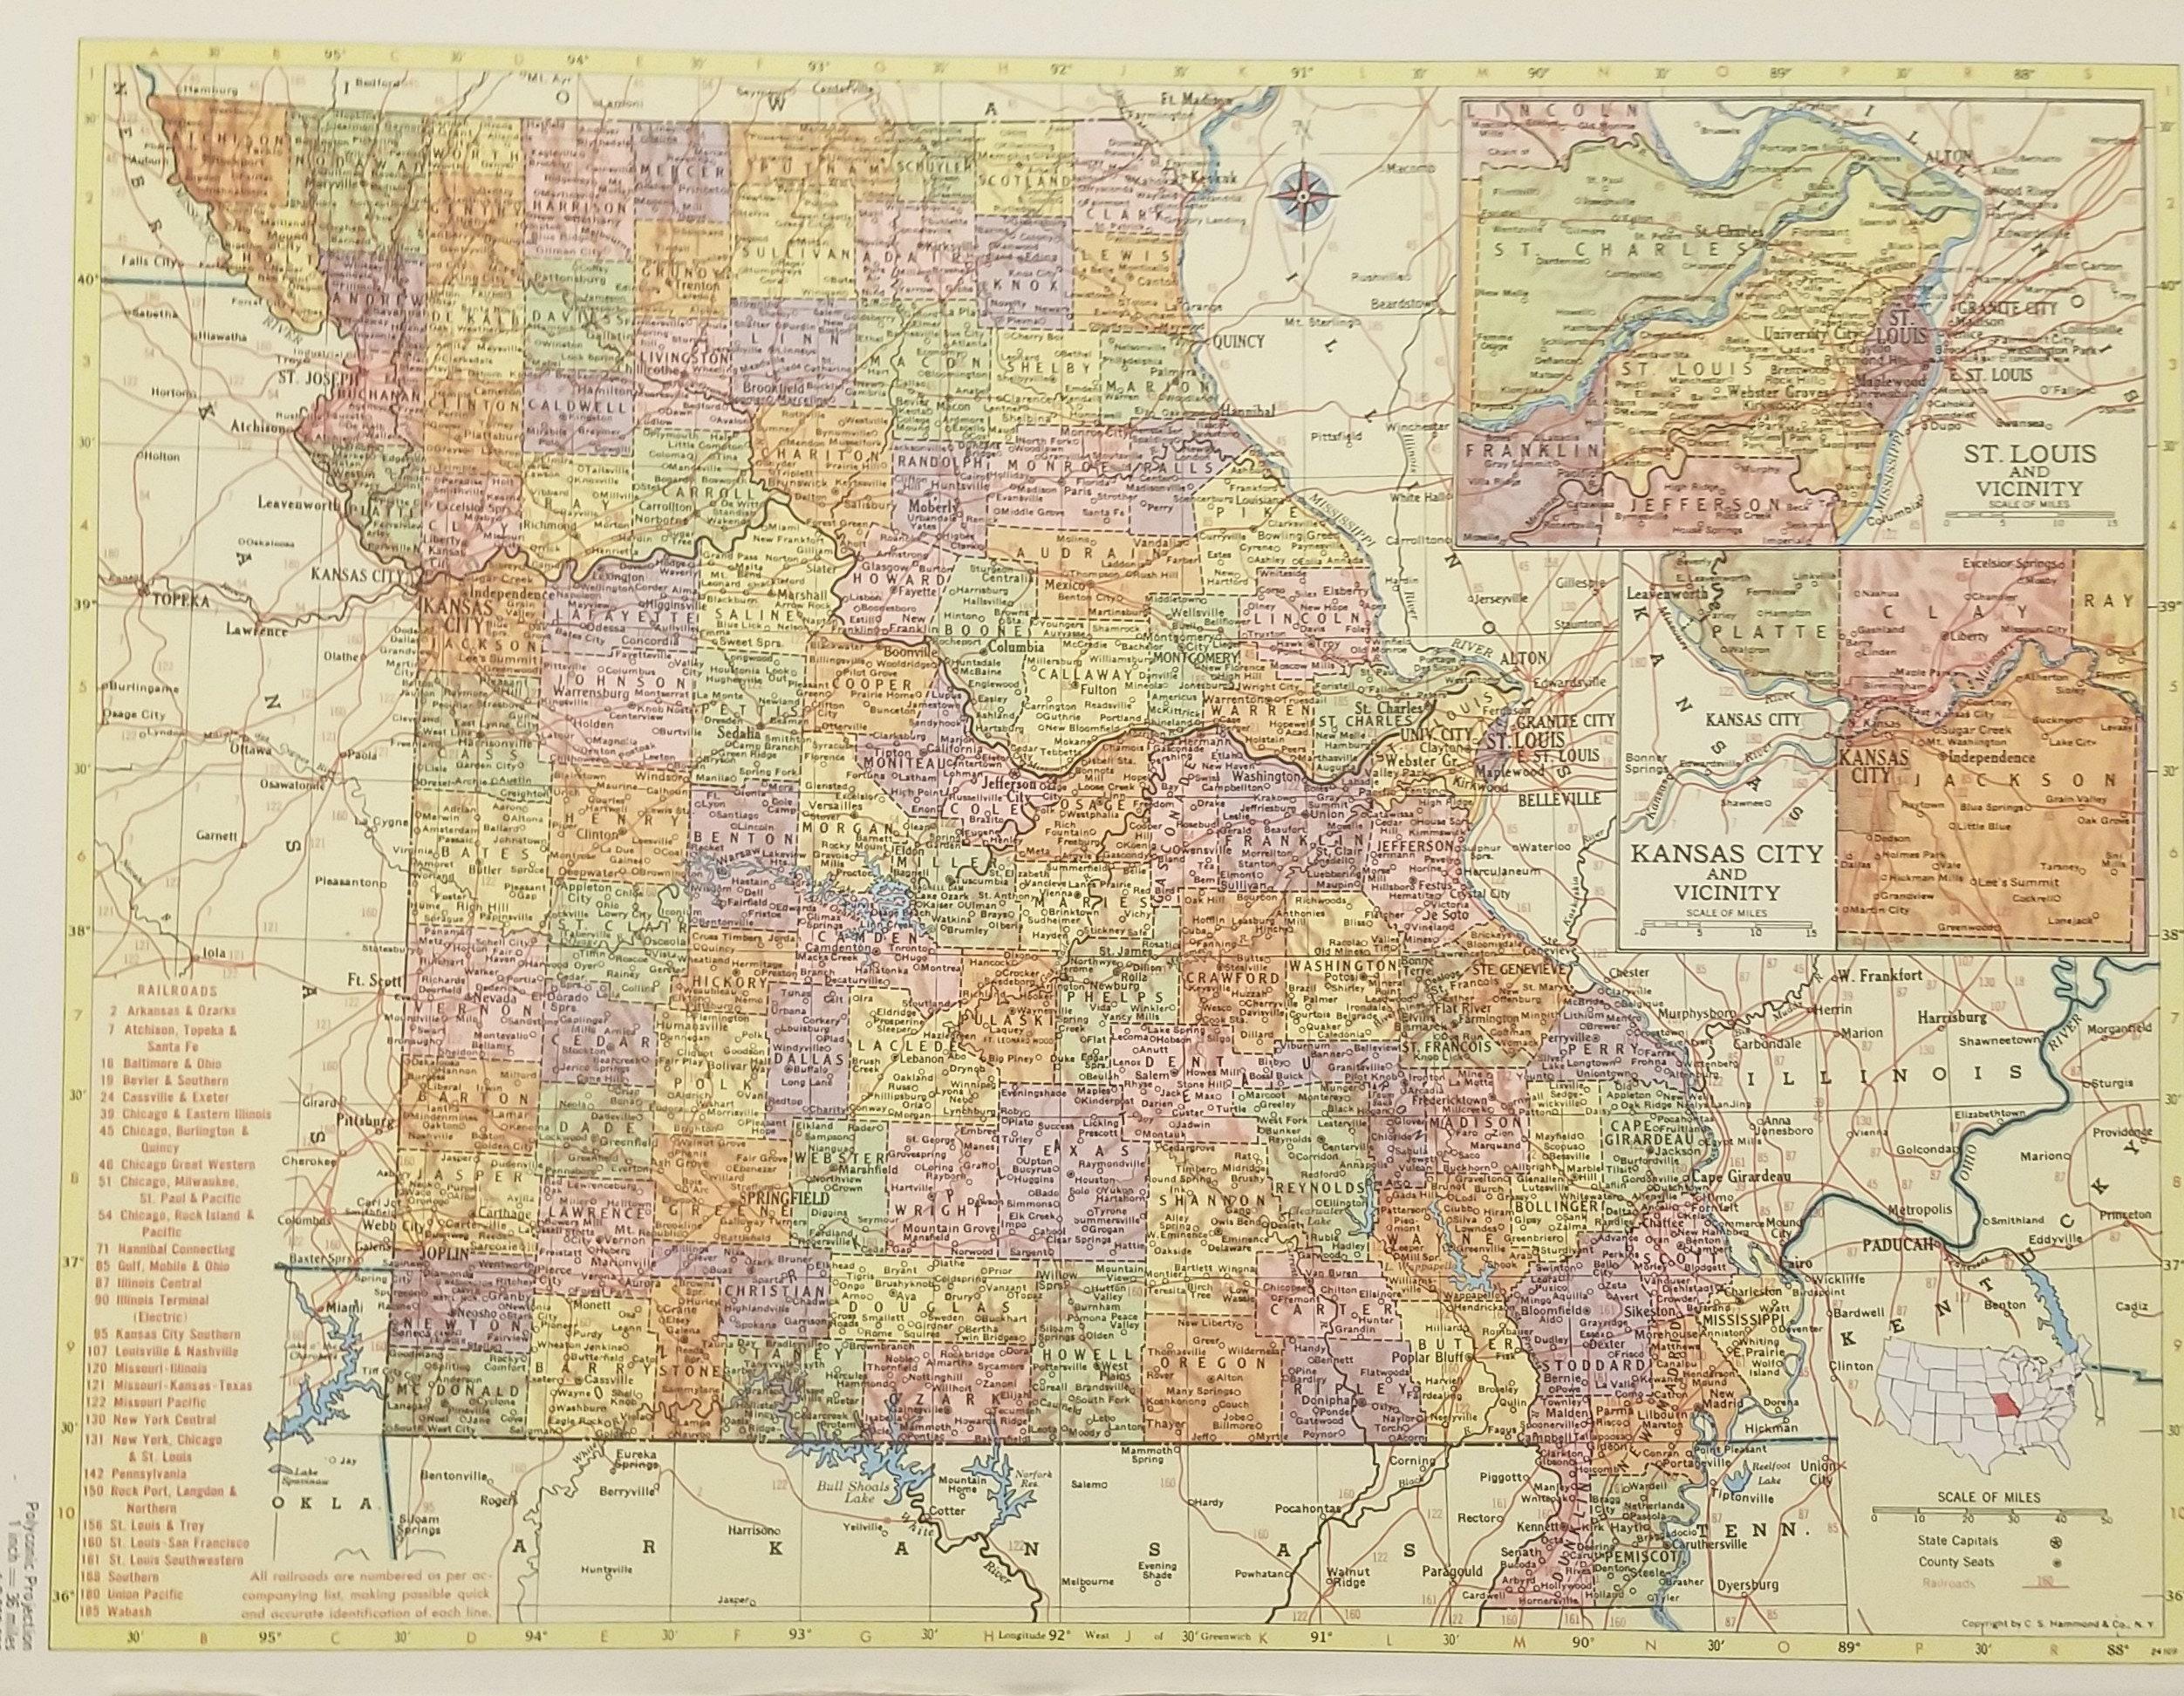 Missouri MapSaint Louis Kansas City HannibalRailroad Route | Etsy